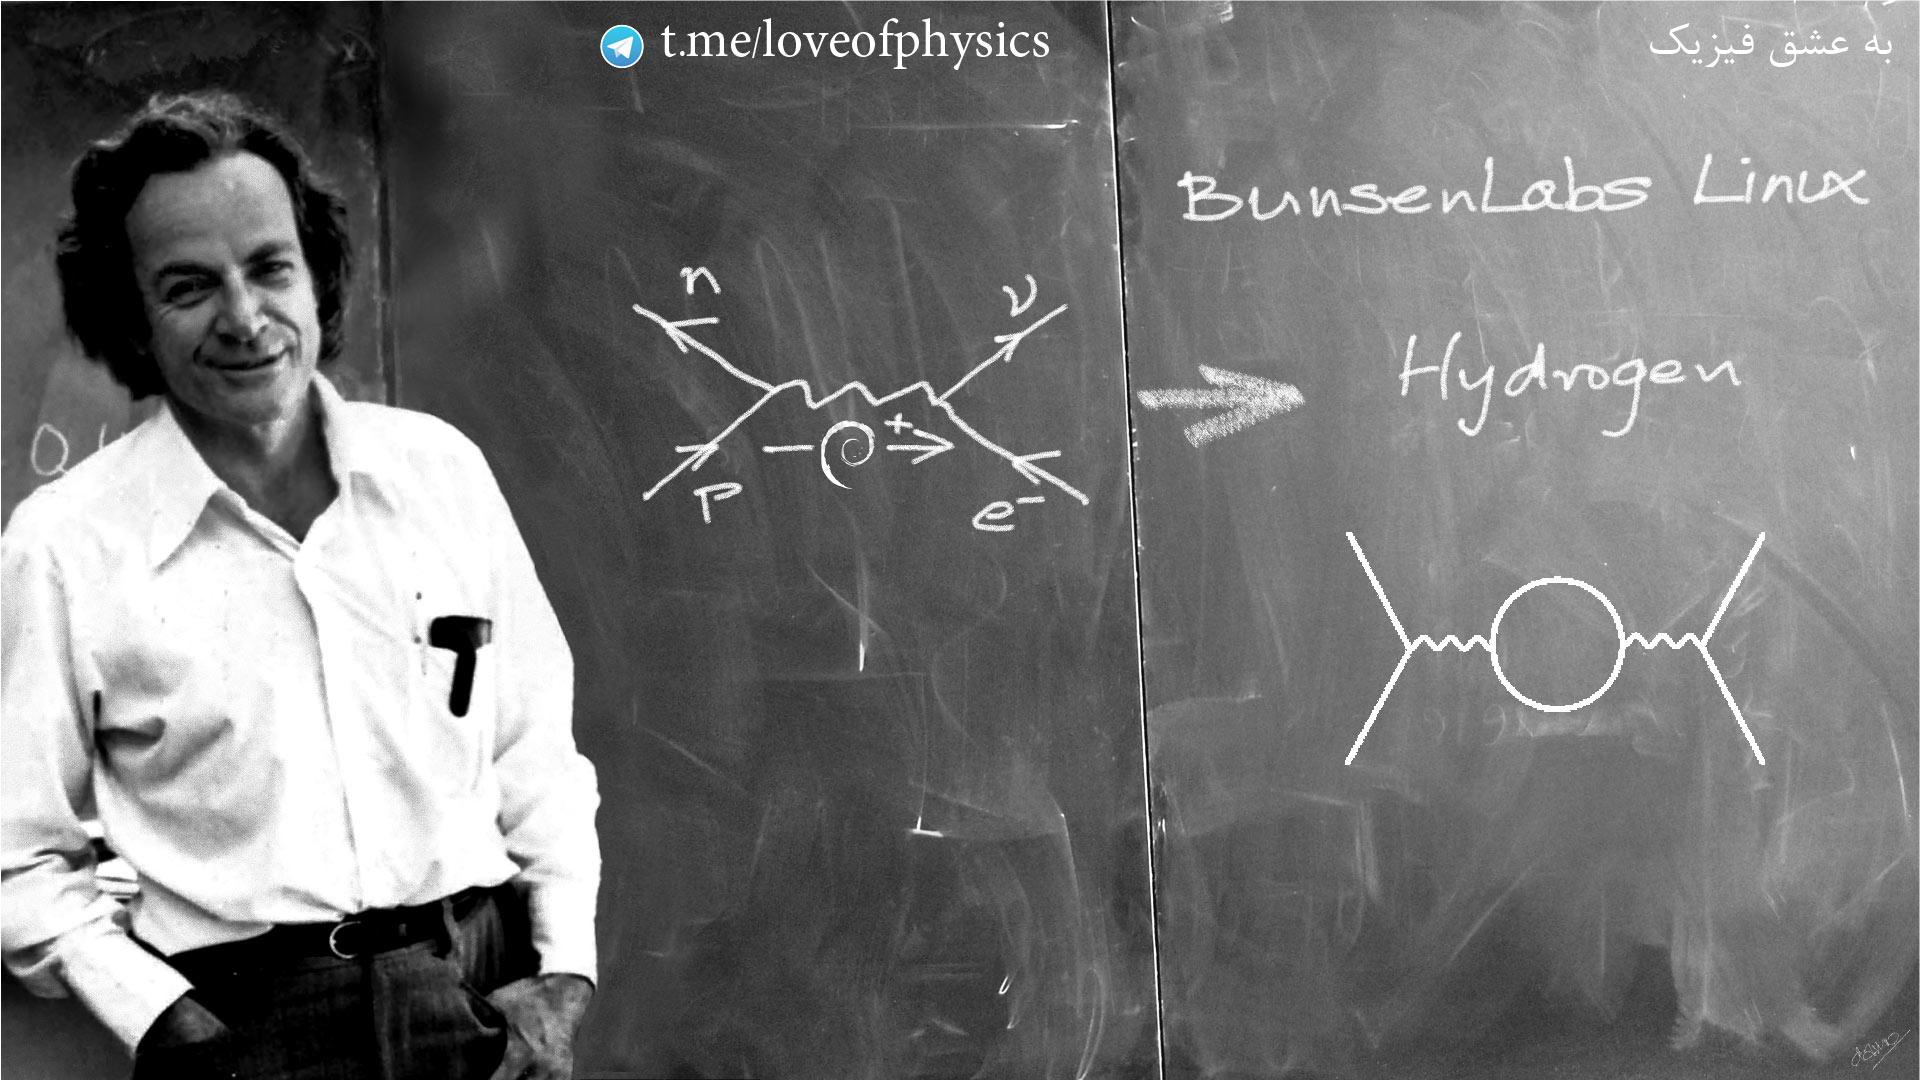 ریچارد فاینمن در کلاس درس